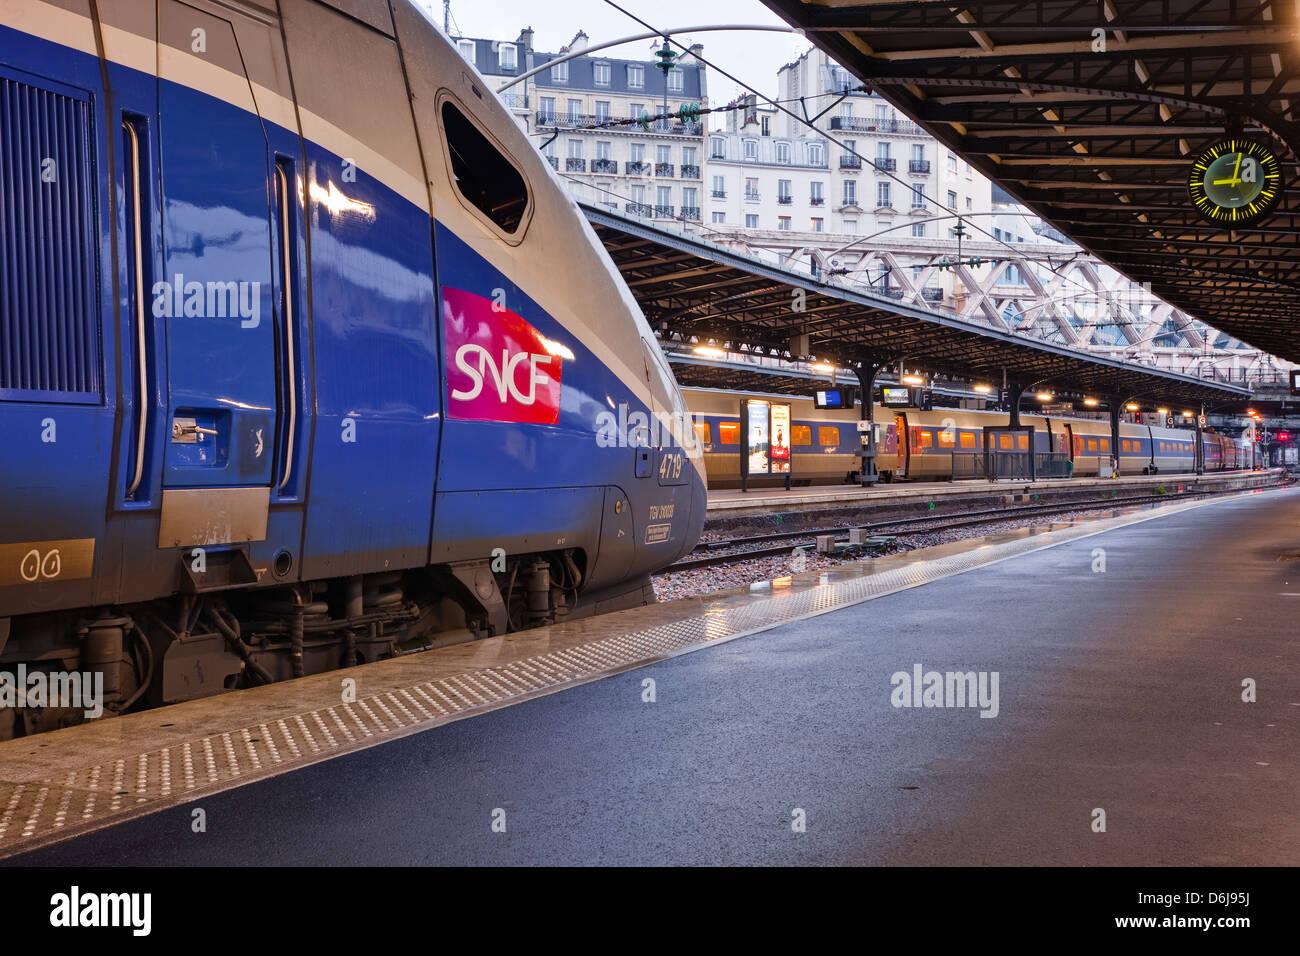 A TGV awaits departure at Gare de l'Est in Paris, France, Europe - Stock Image